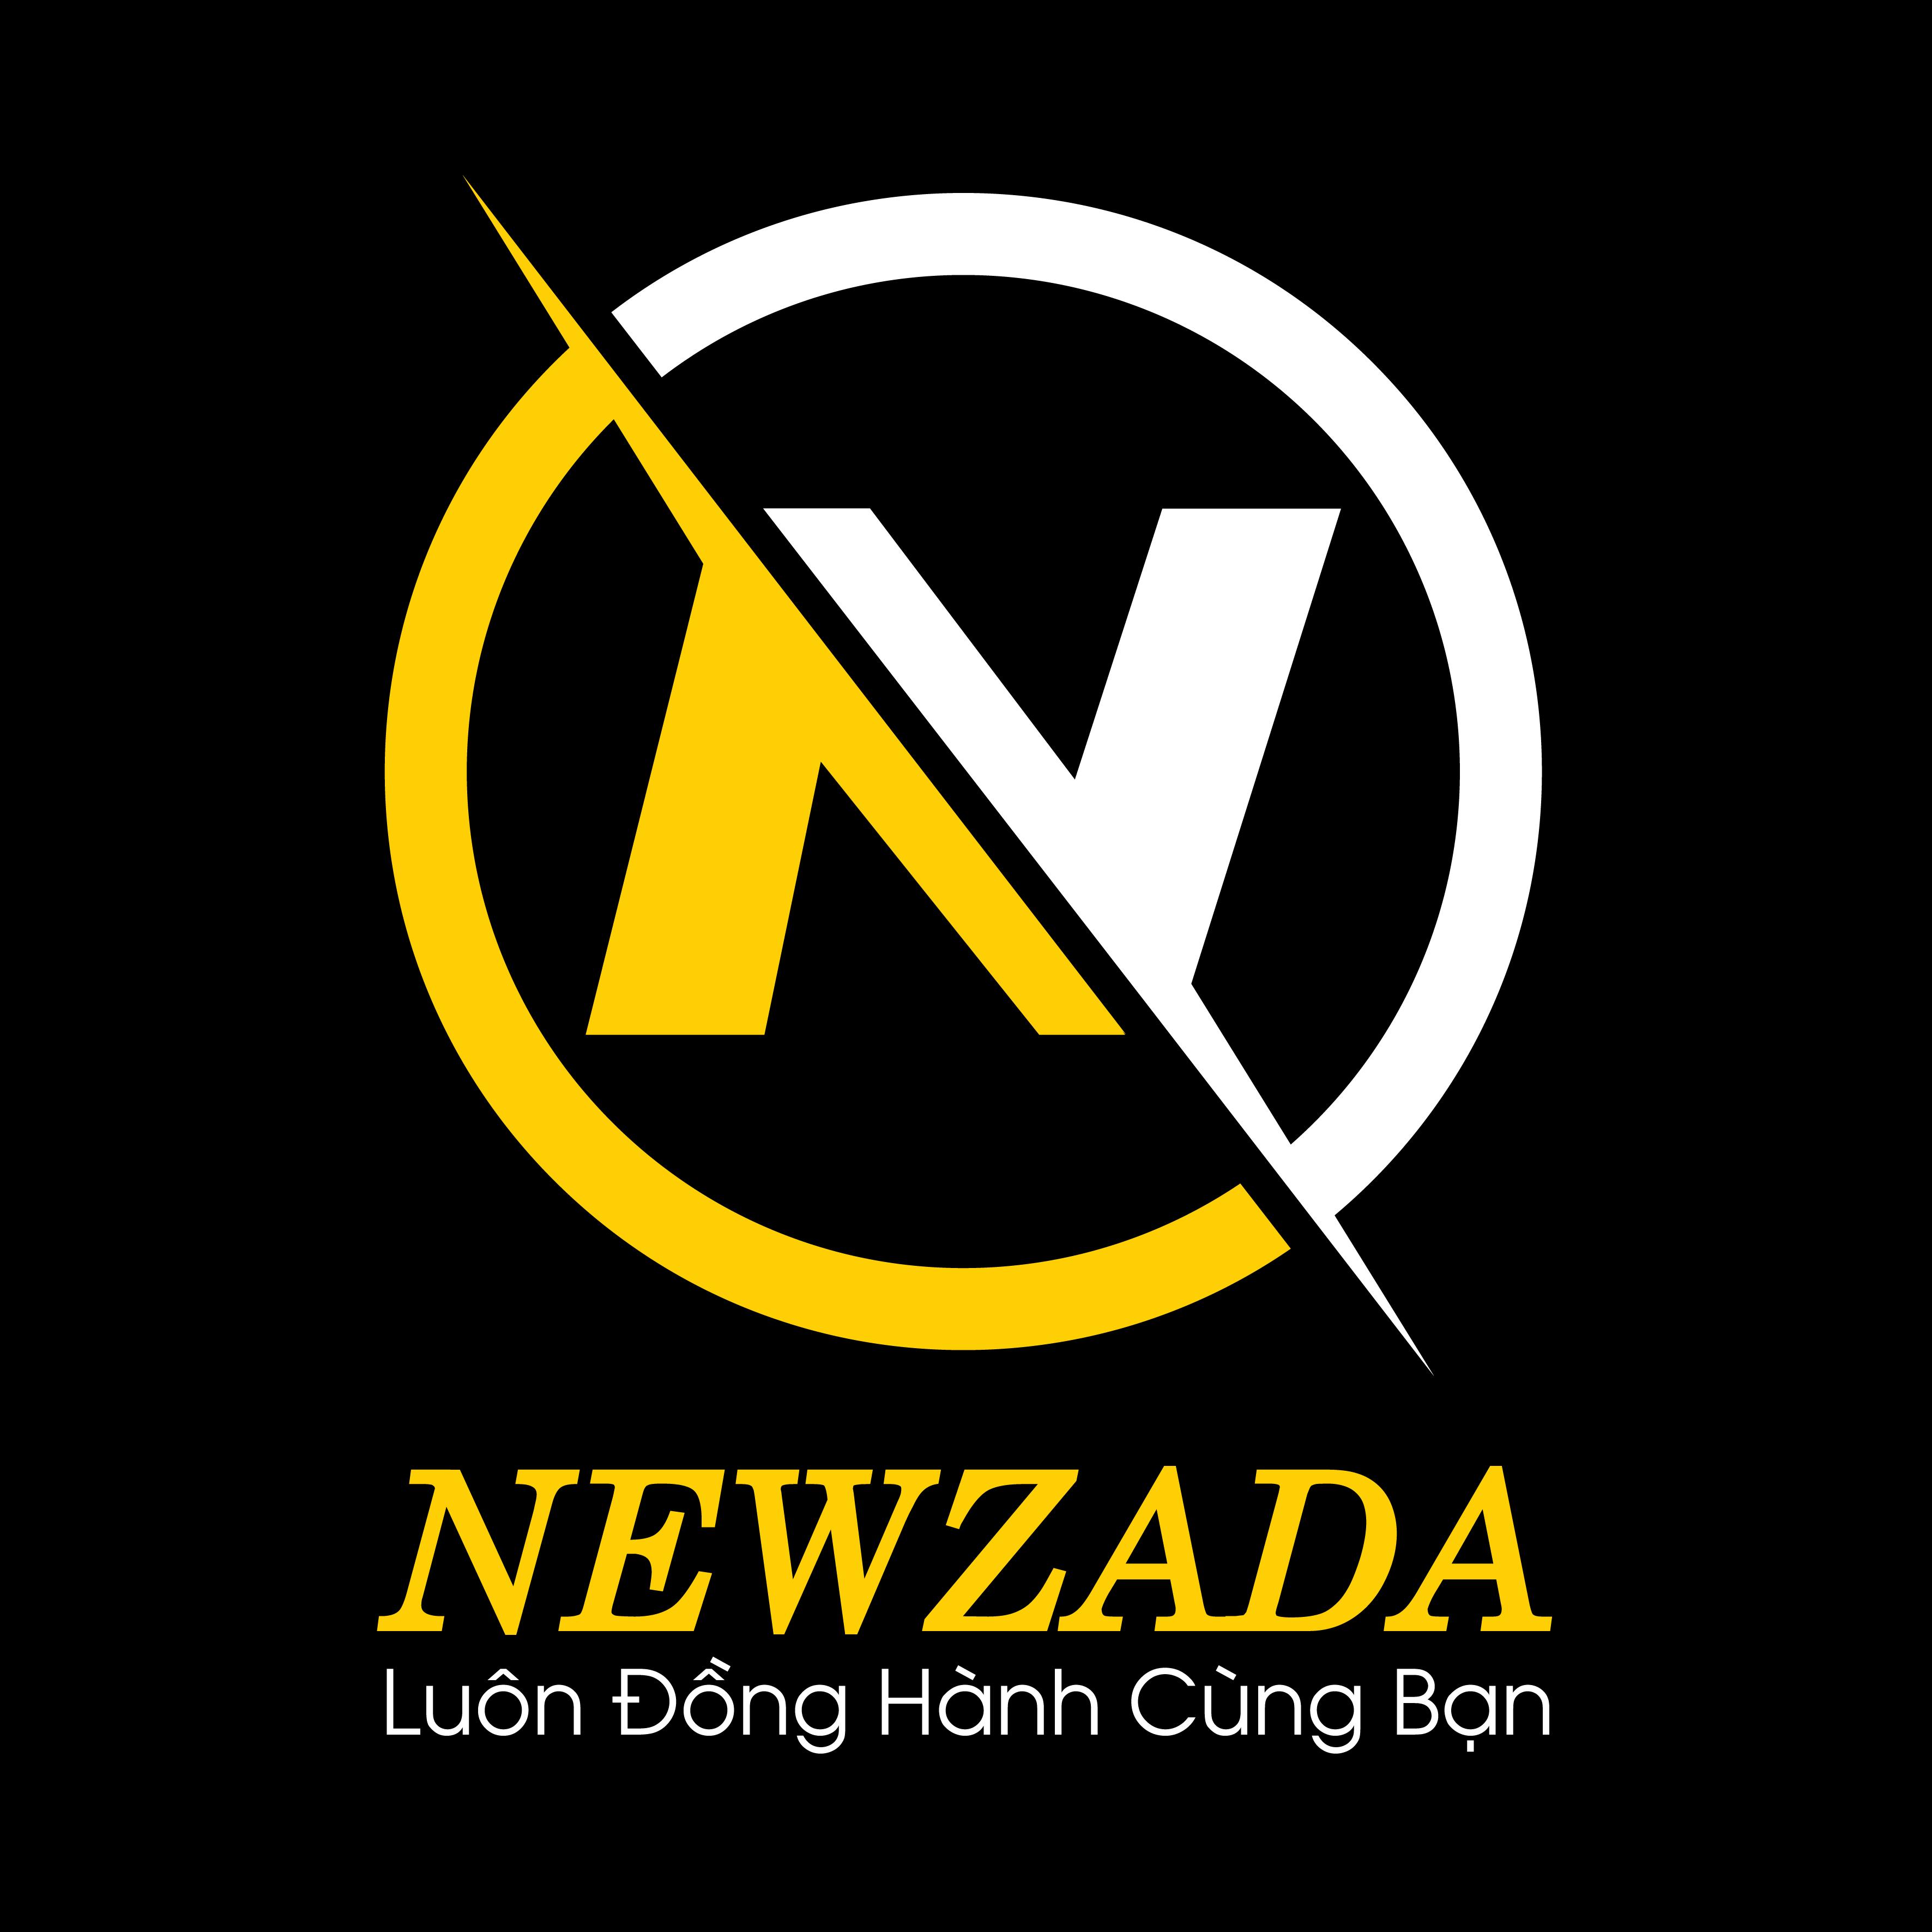 Newzada